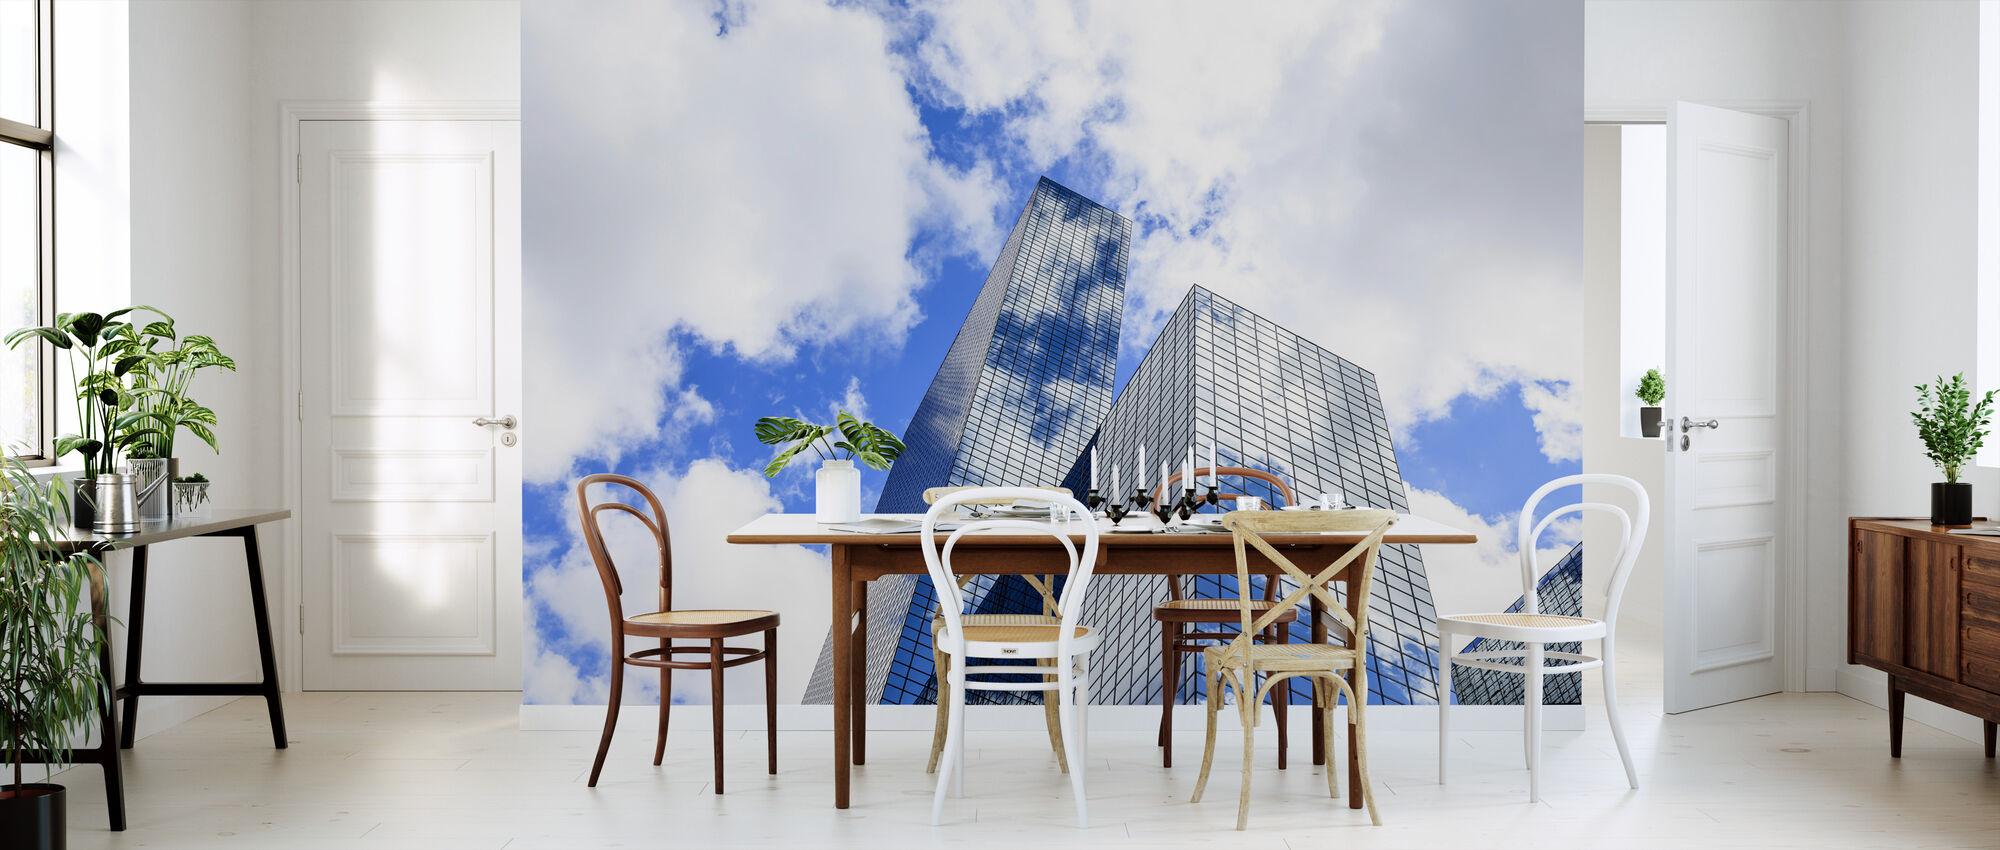 Wolken gereflecteerd in een moderne glazen gevel - Behang - Keuken